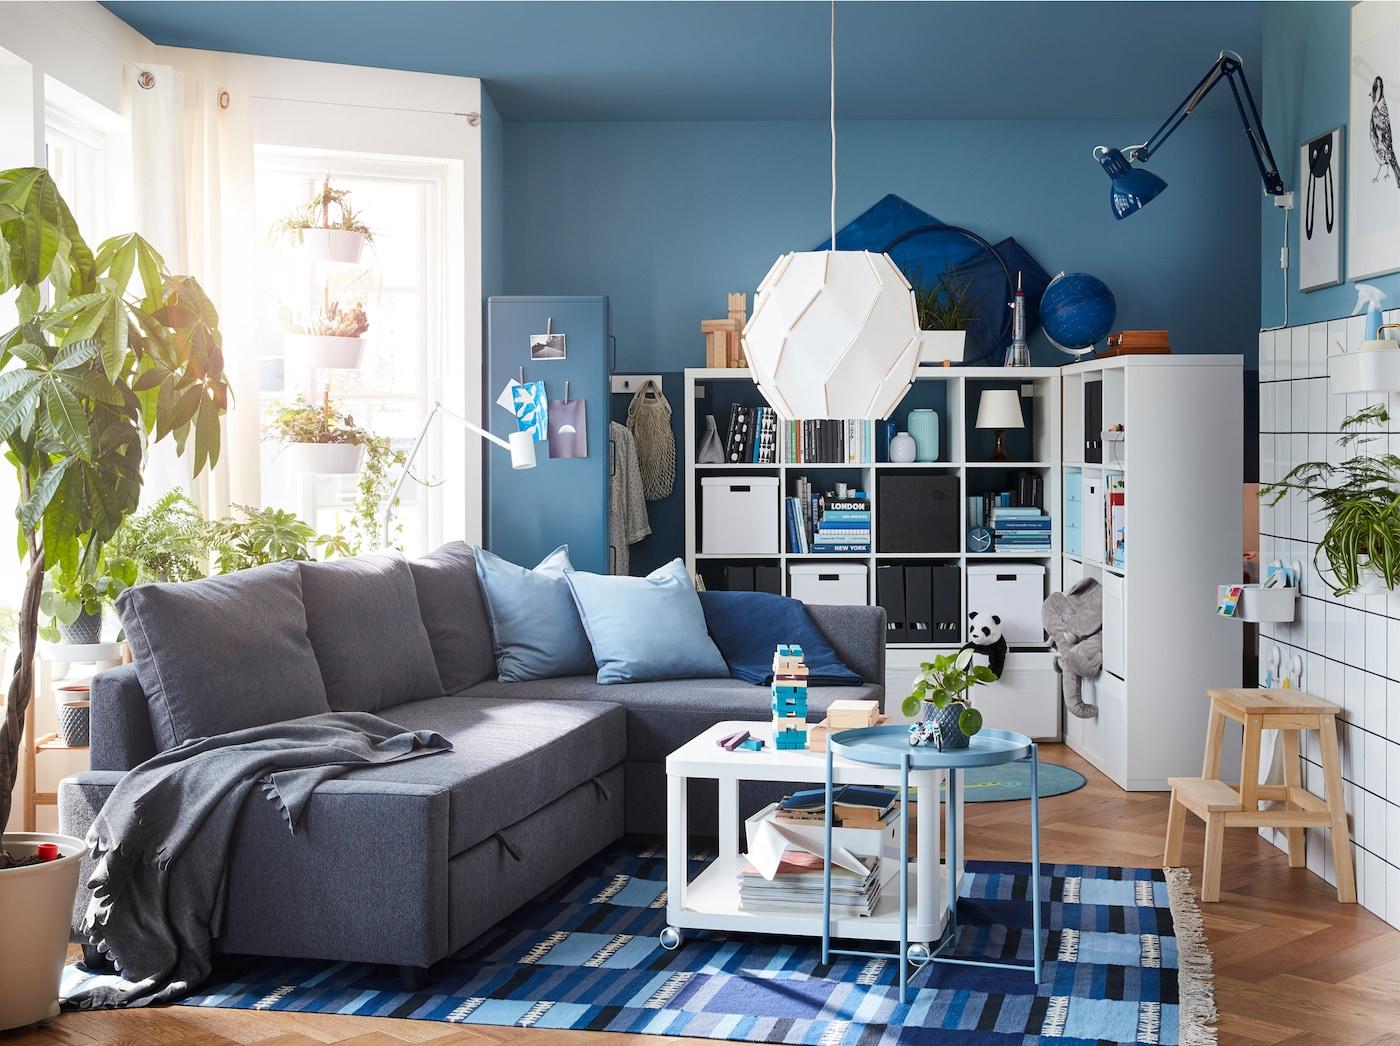 Ruang tamu yang mempunyai katil sofa penjuru berwarna kelabu gelap, ambal bercorak berwarna biru dan unit rak bebas dengan ruang di belakangnya.